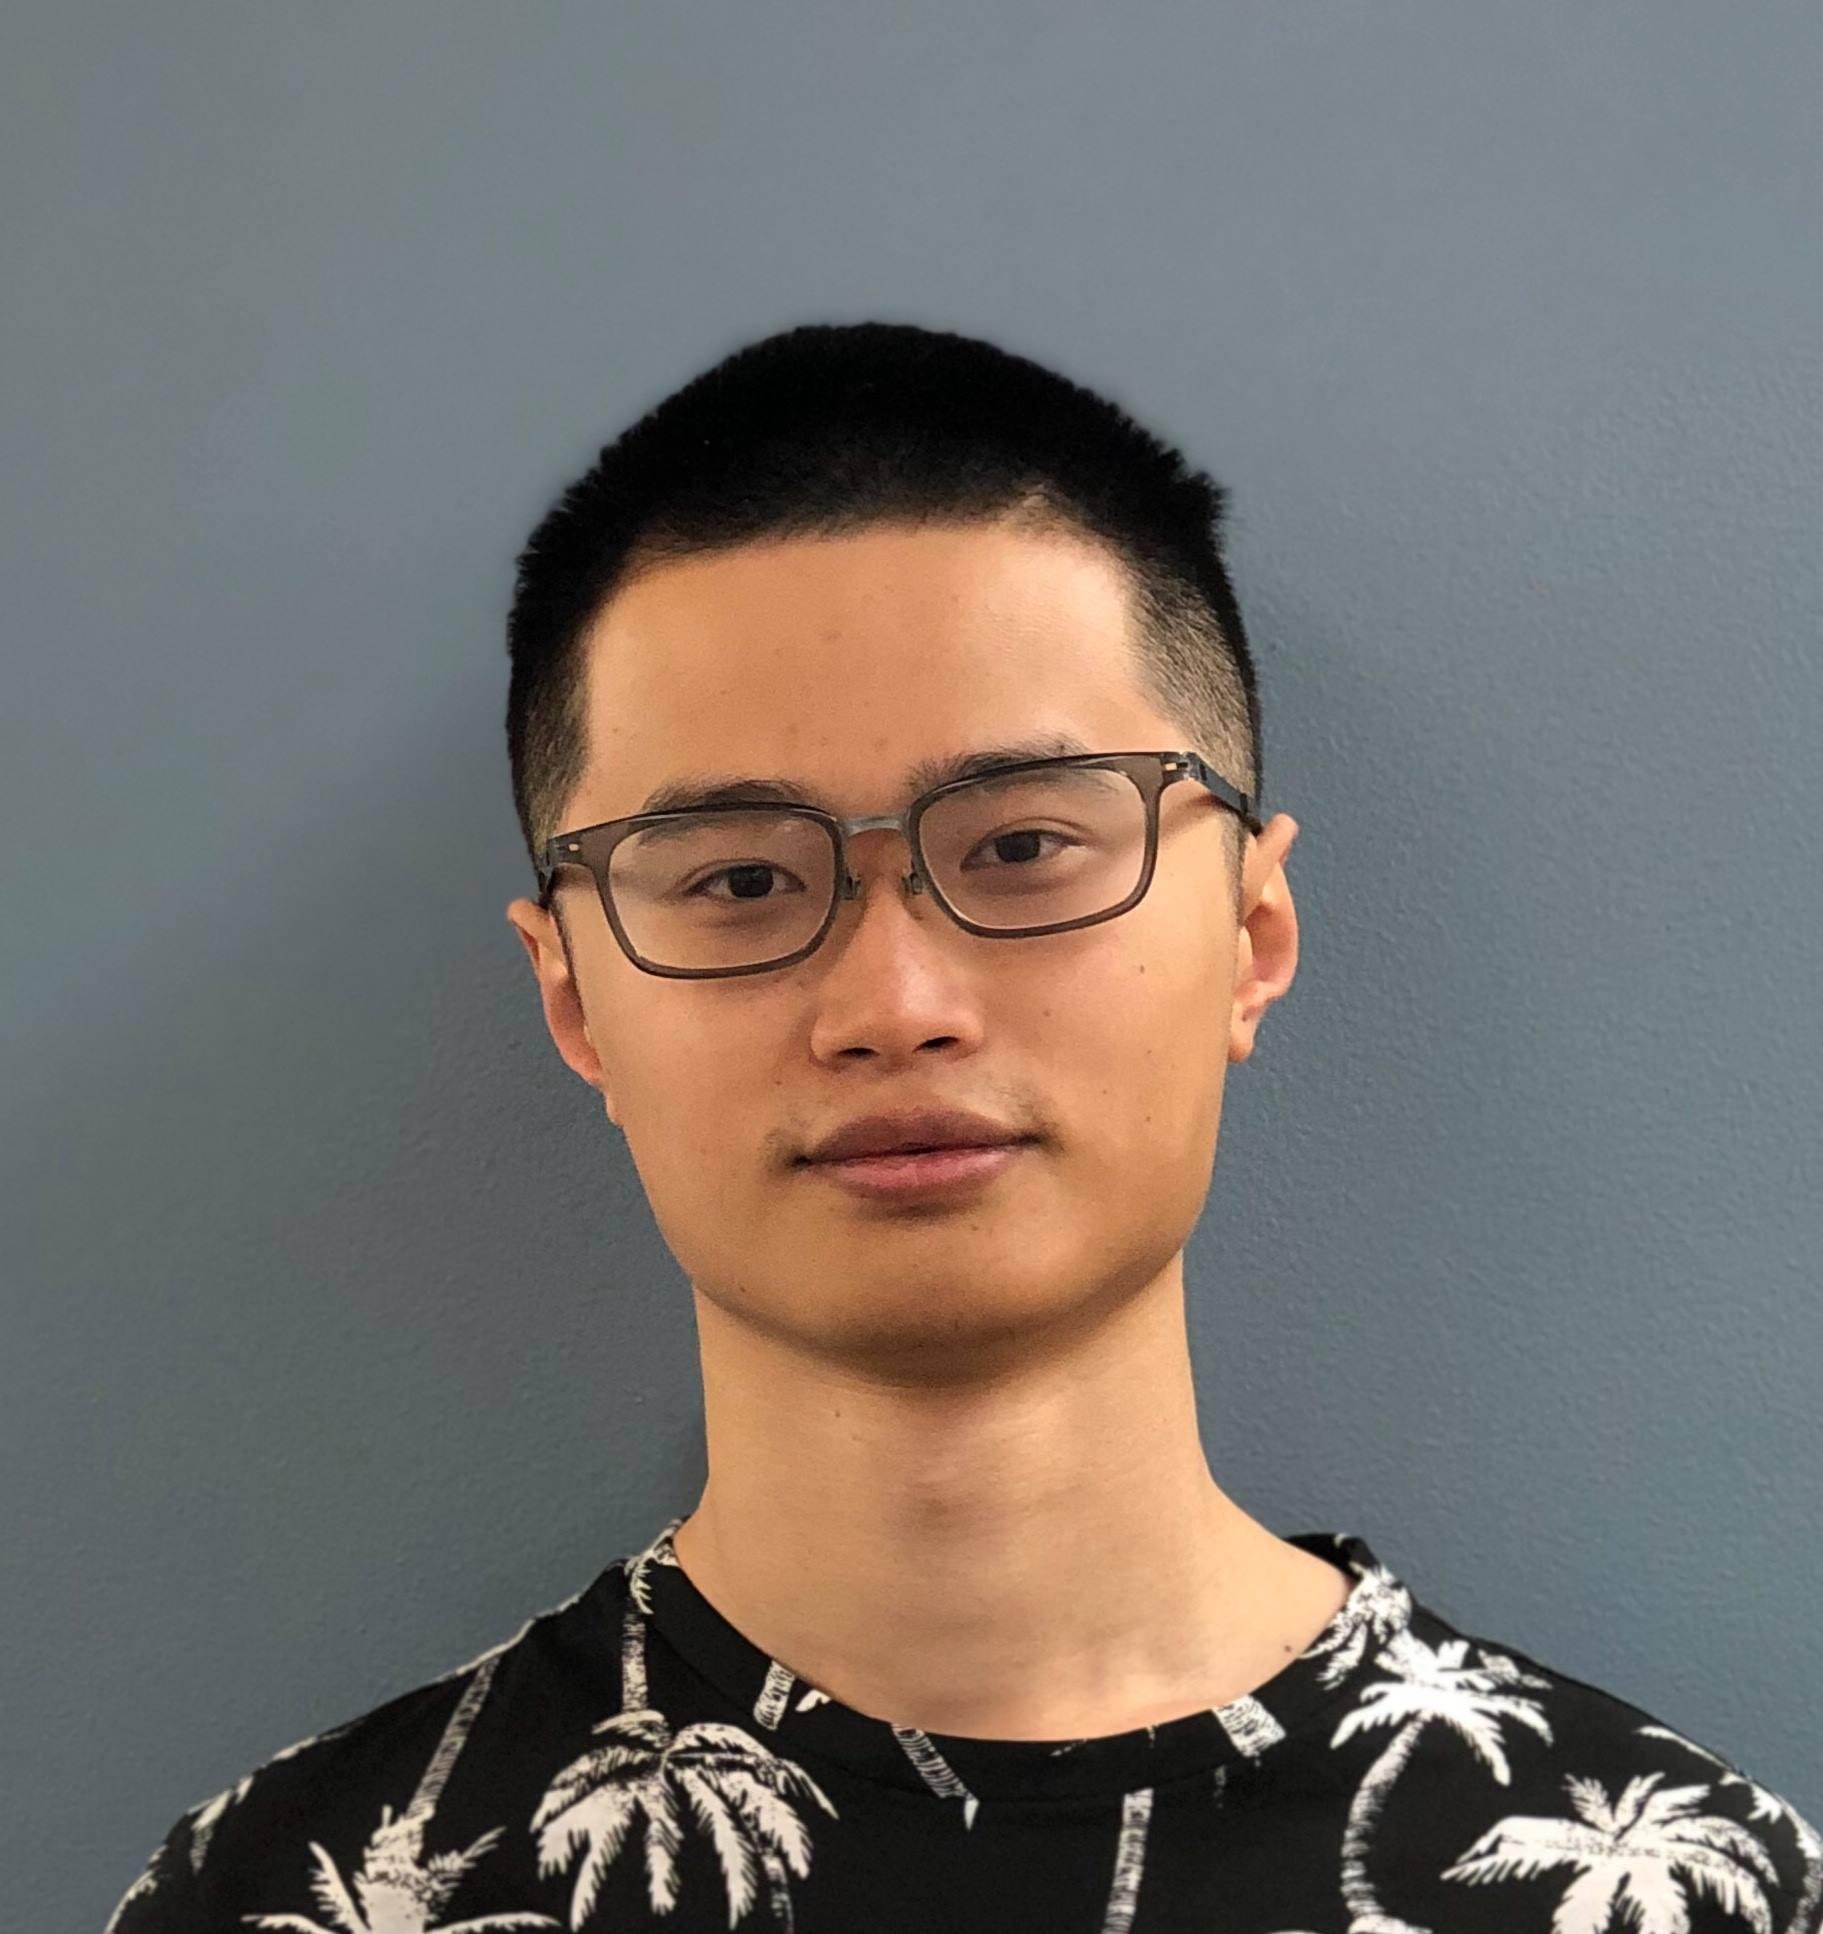 Shen Huang